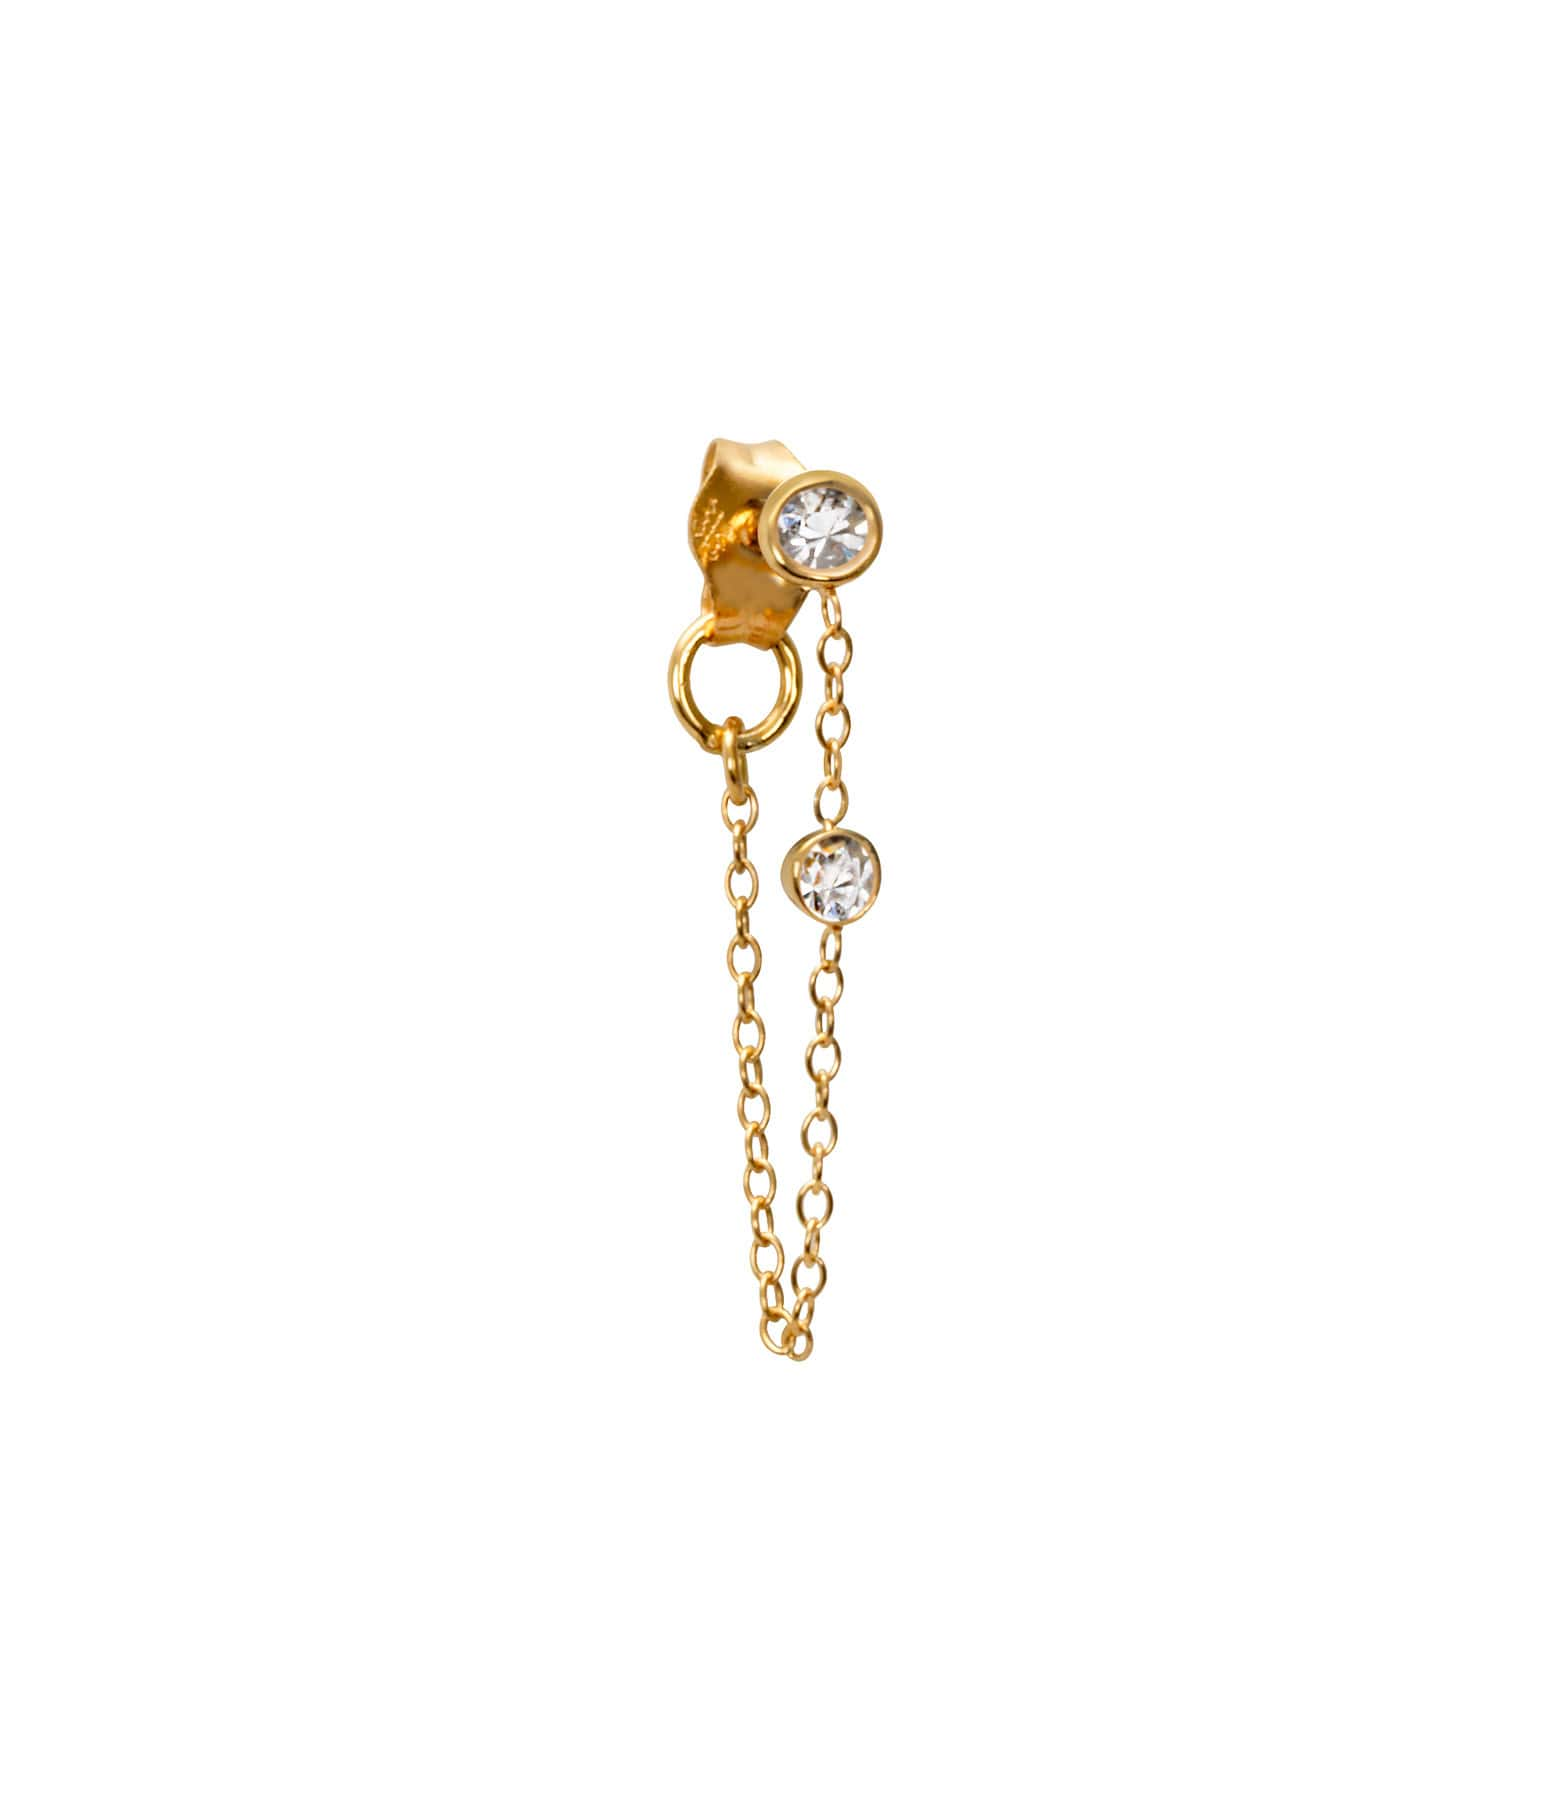 Boucle d'oreille Chaine Forçat Or et Diamants - AND PARIS